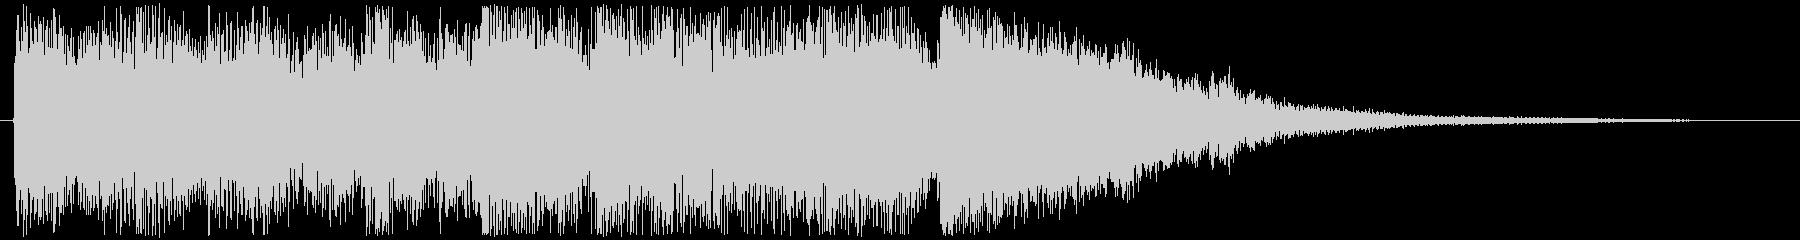 映像・ジングルわくわくするファンクの未再生の波形